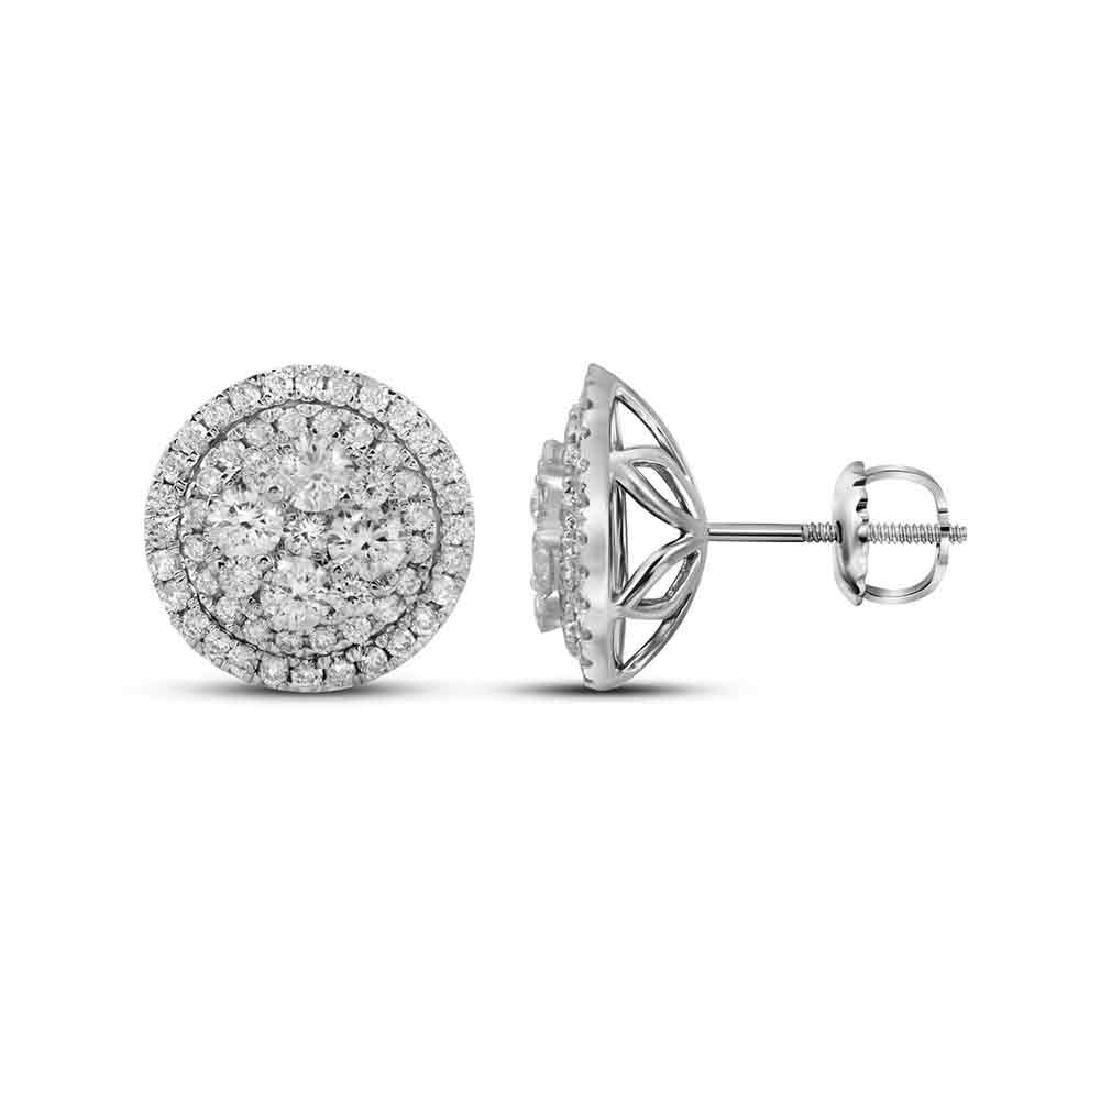 1.68 CTW Diamond Flower Cluster Earrings 14KT White